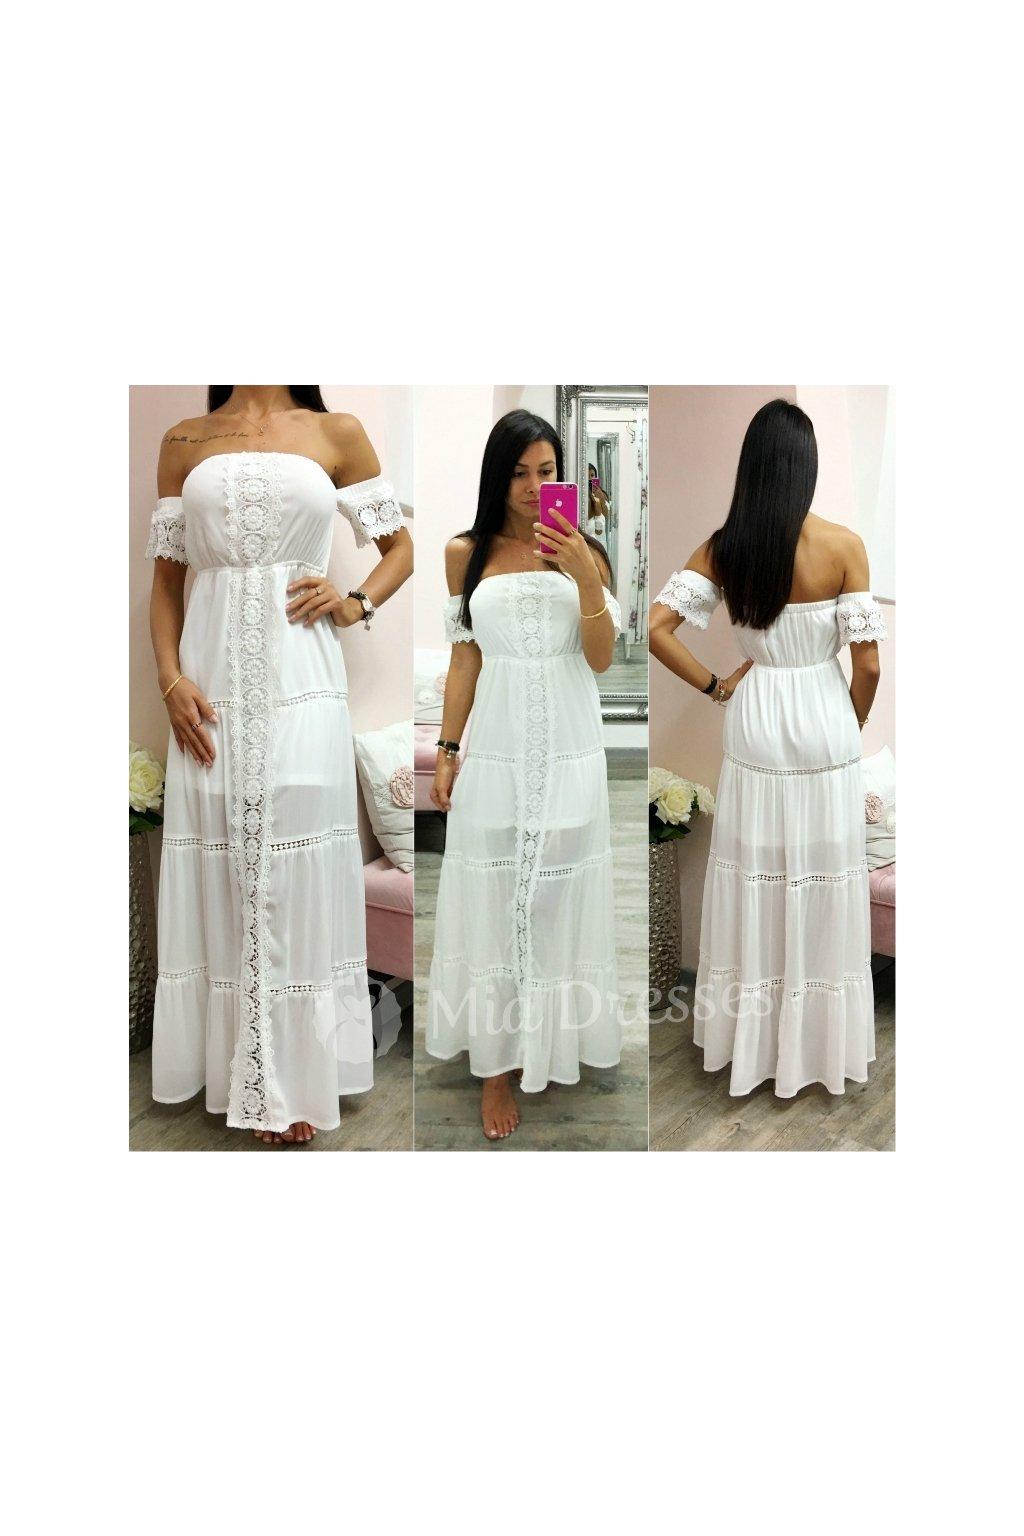 9a53e8da8d Biele dlhé letné šaty - Mia Dresses